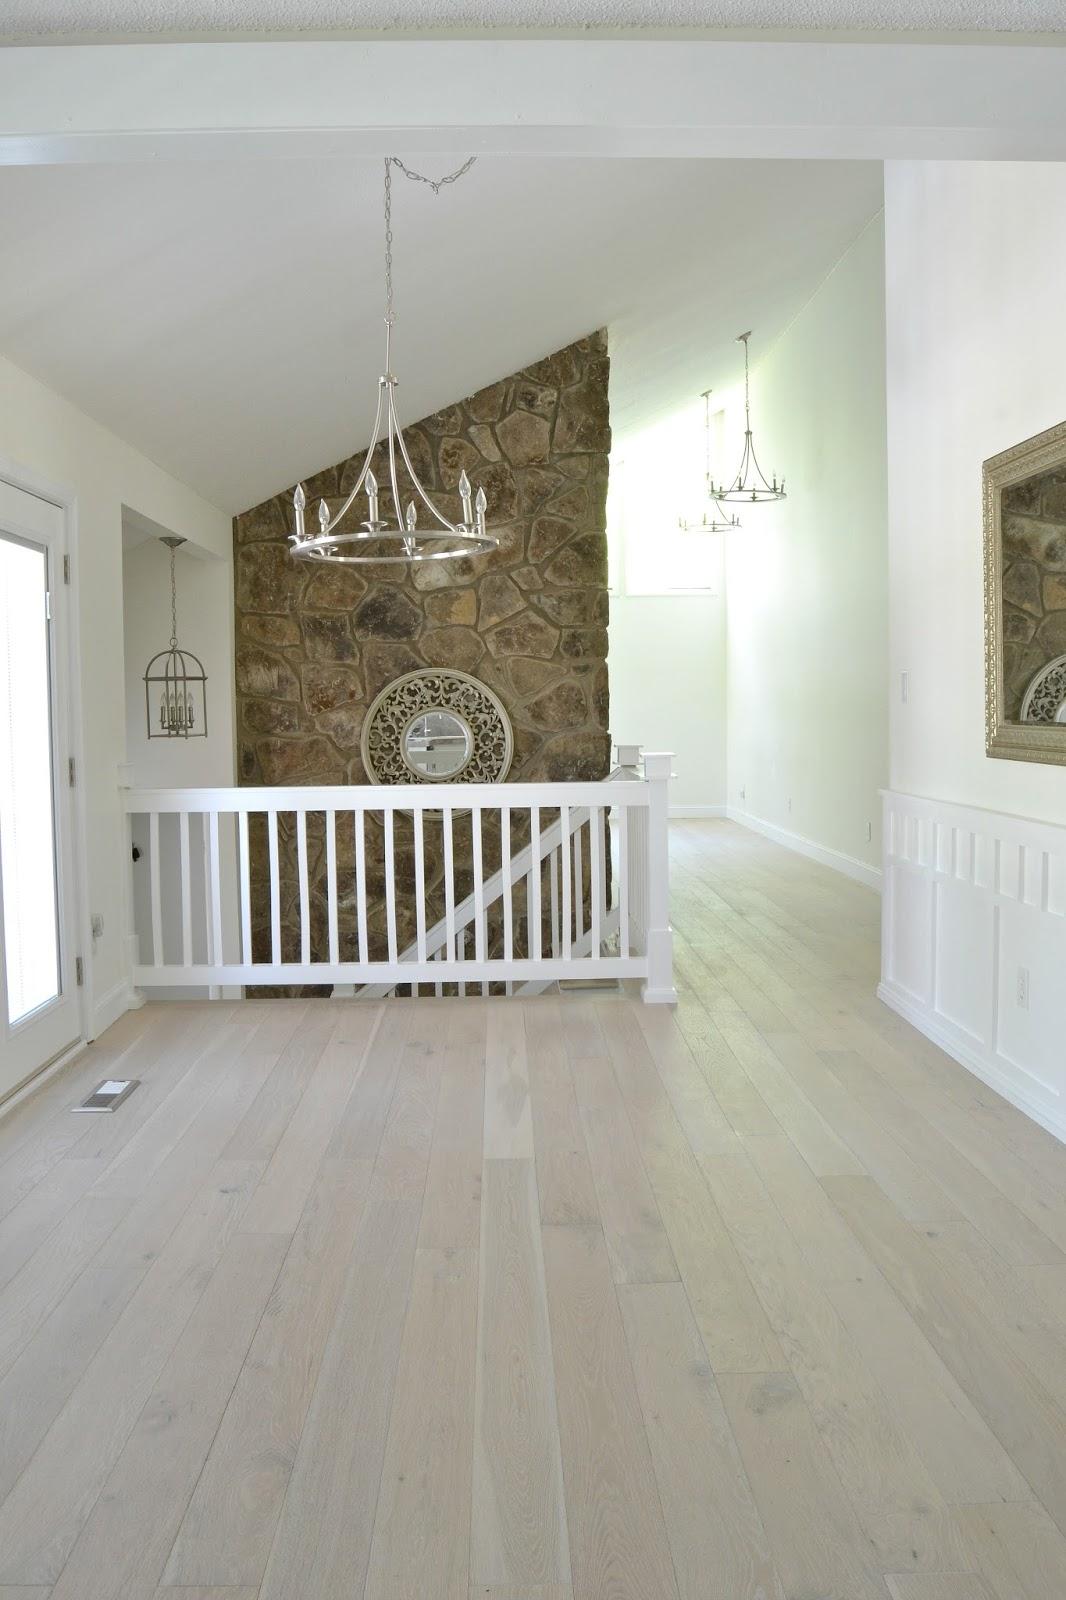 Livelovediy Our New Whitewashed Hardwood Flooring (and